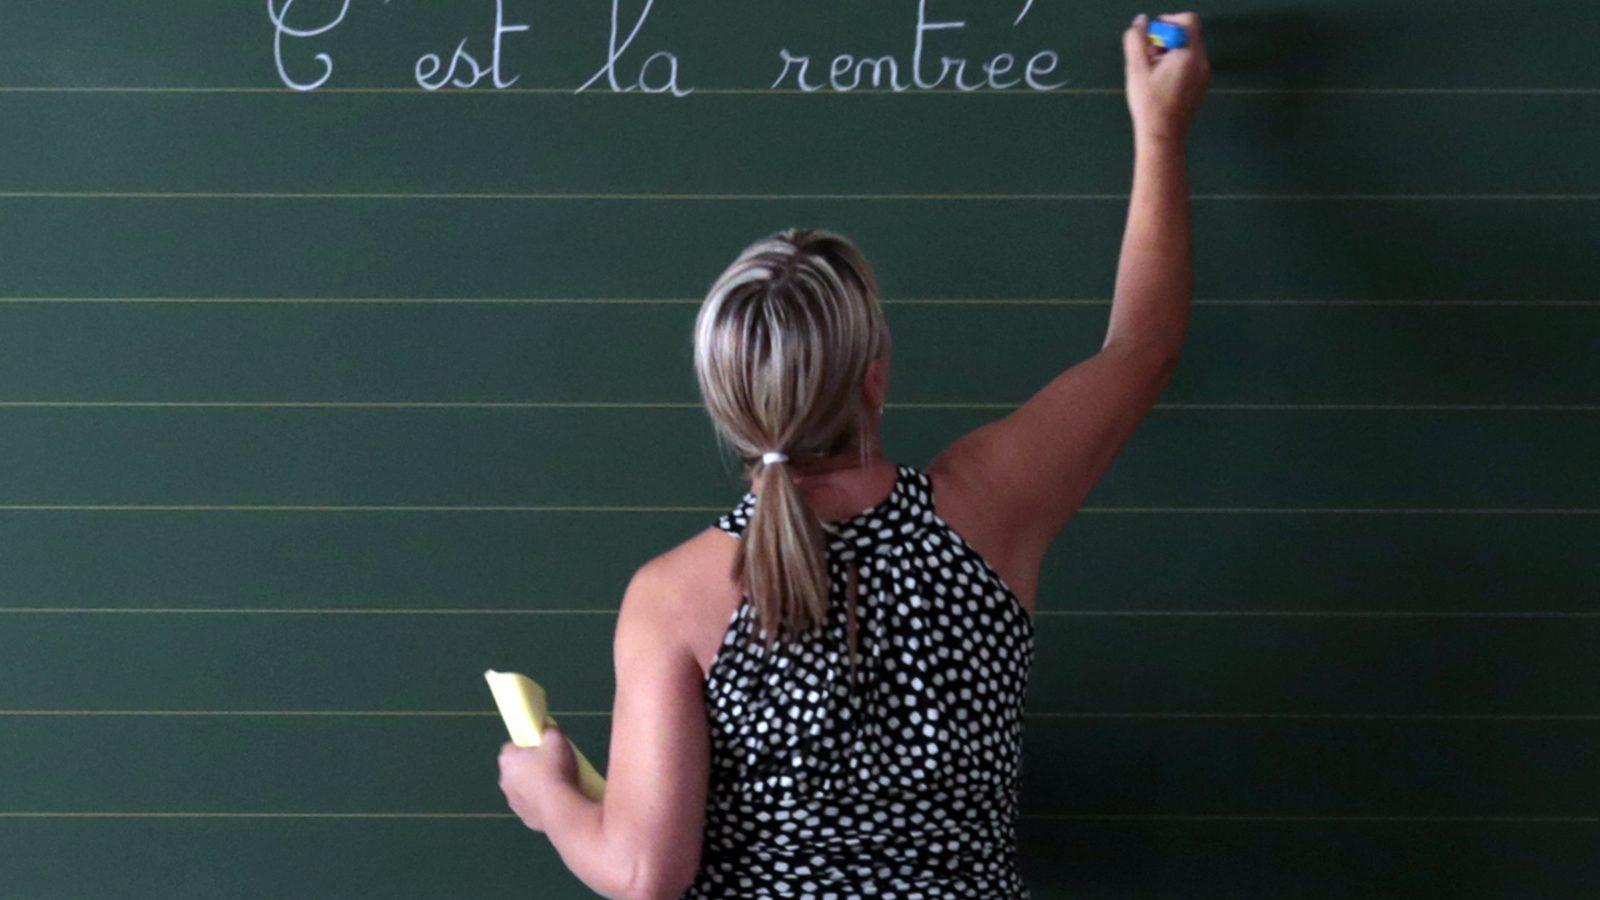 A woman writes on a blackboard.